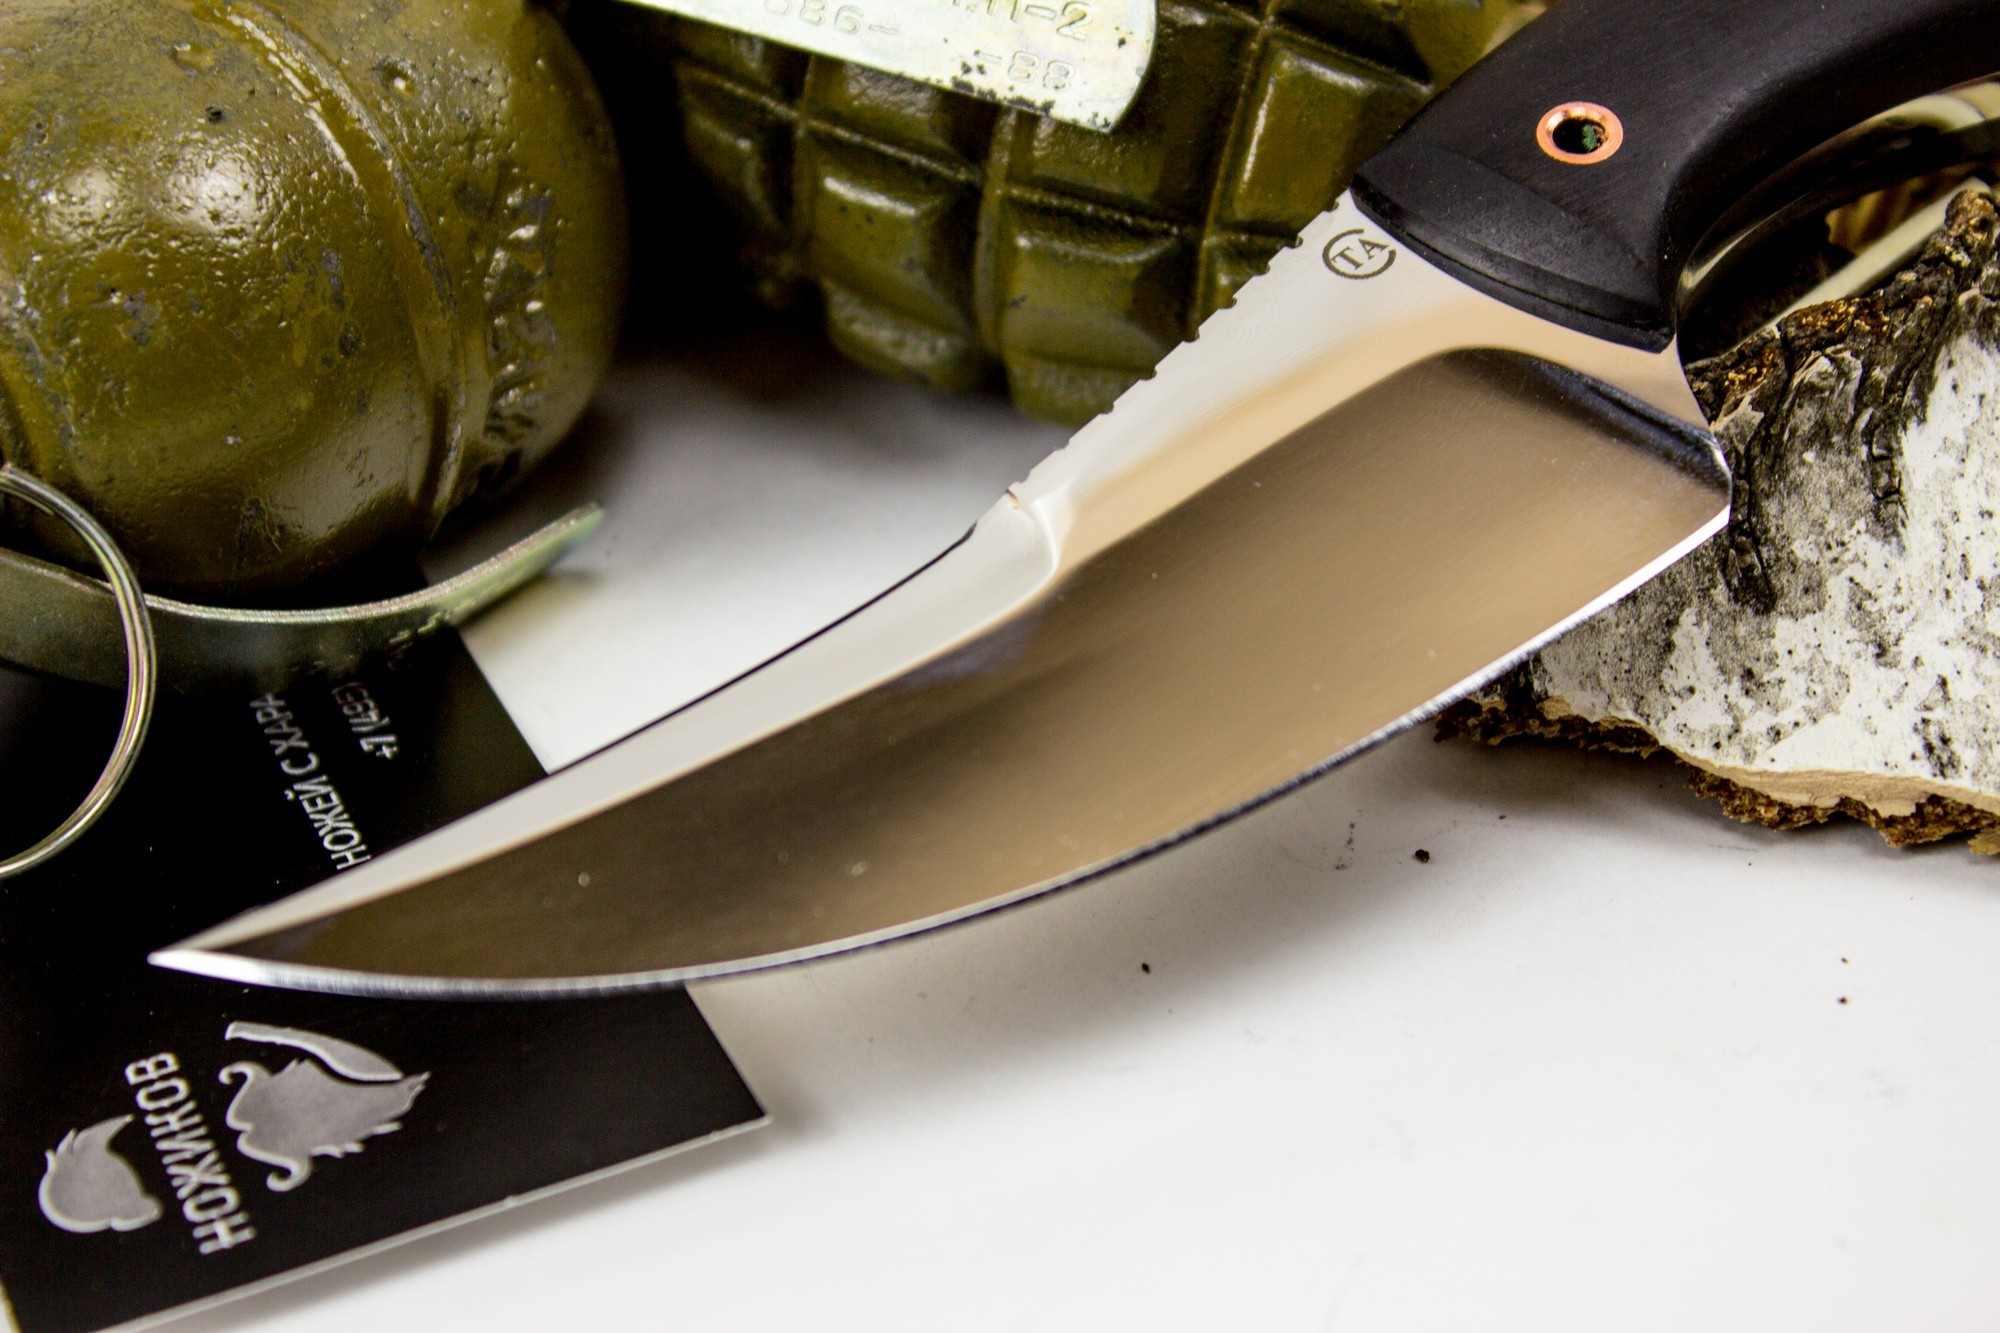 Фото 7 - Нож Клык-1, сталь 95х18, дерево от Титов и Солдатова